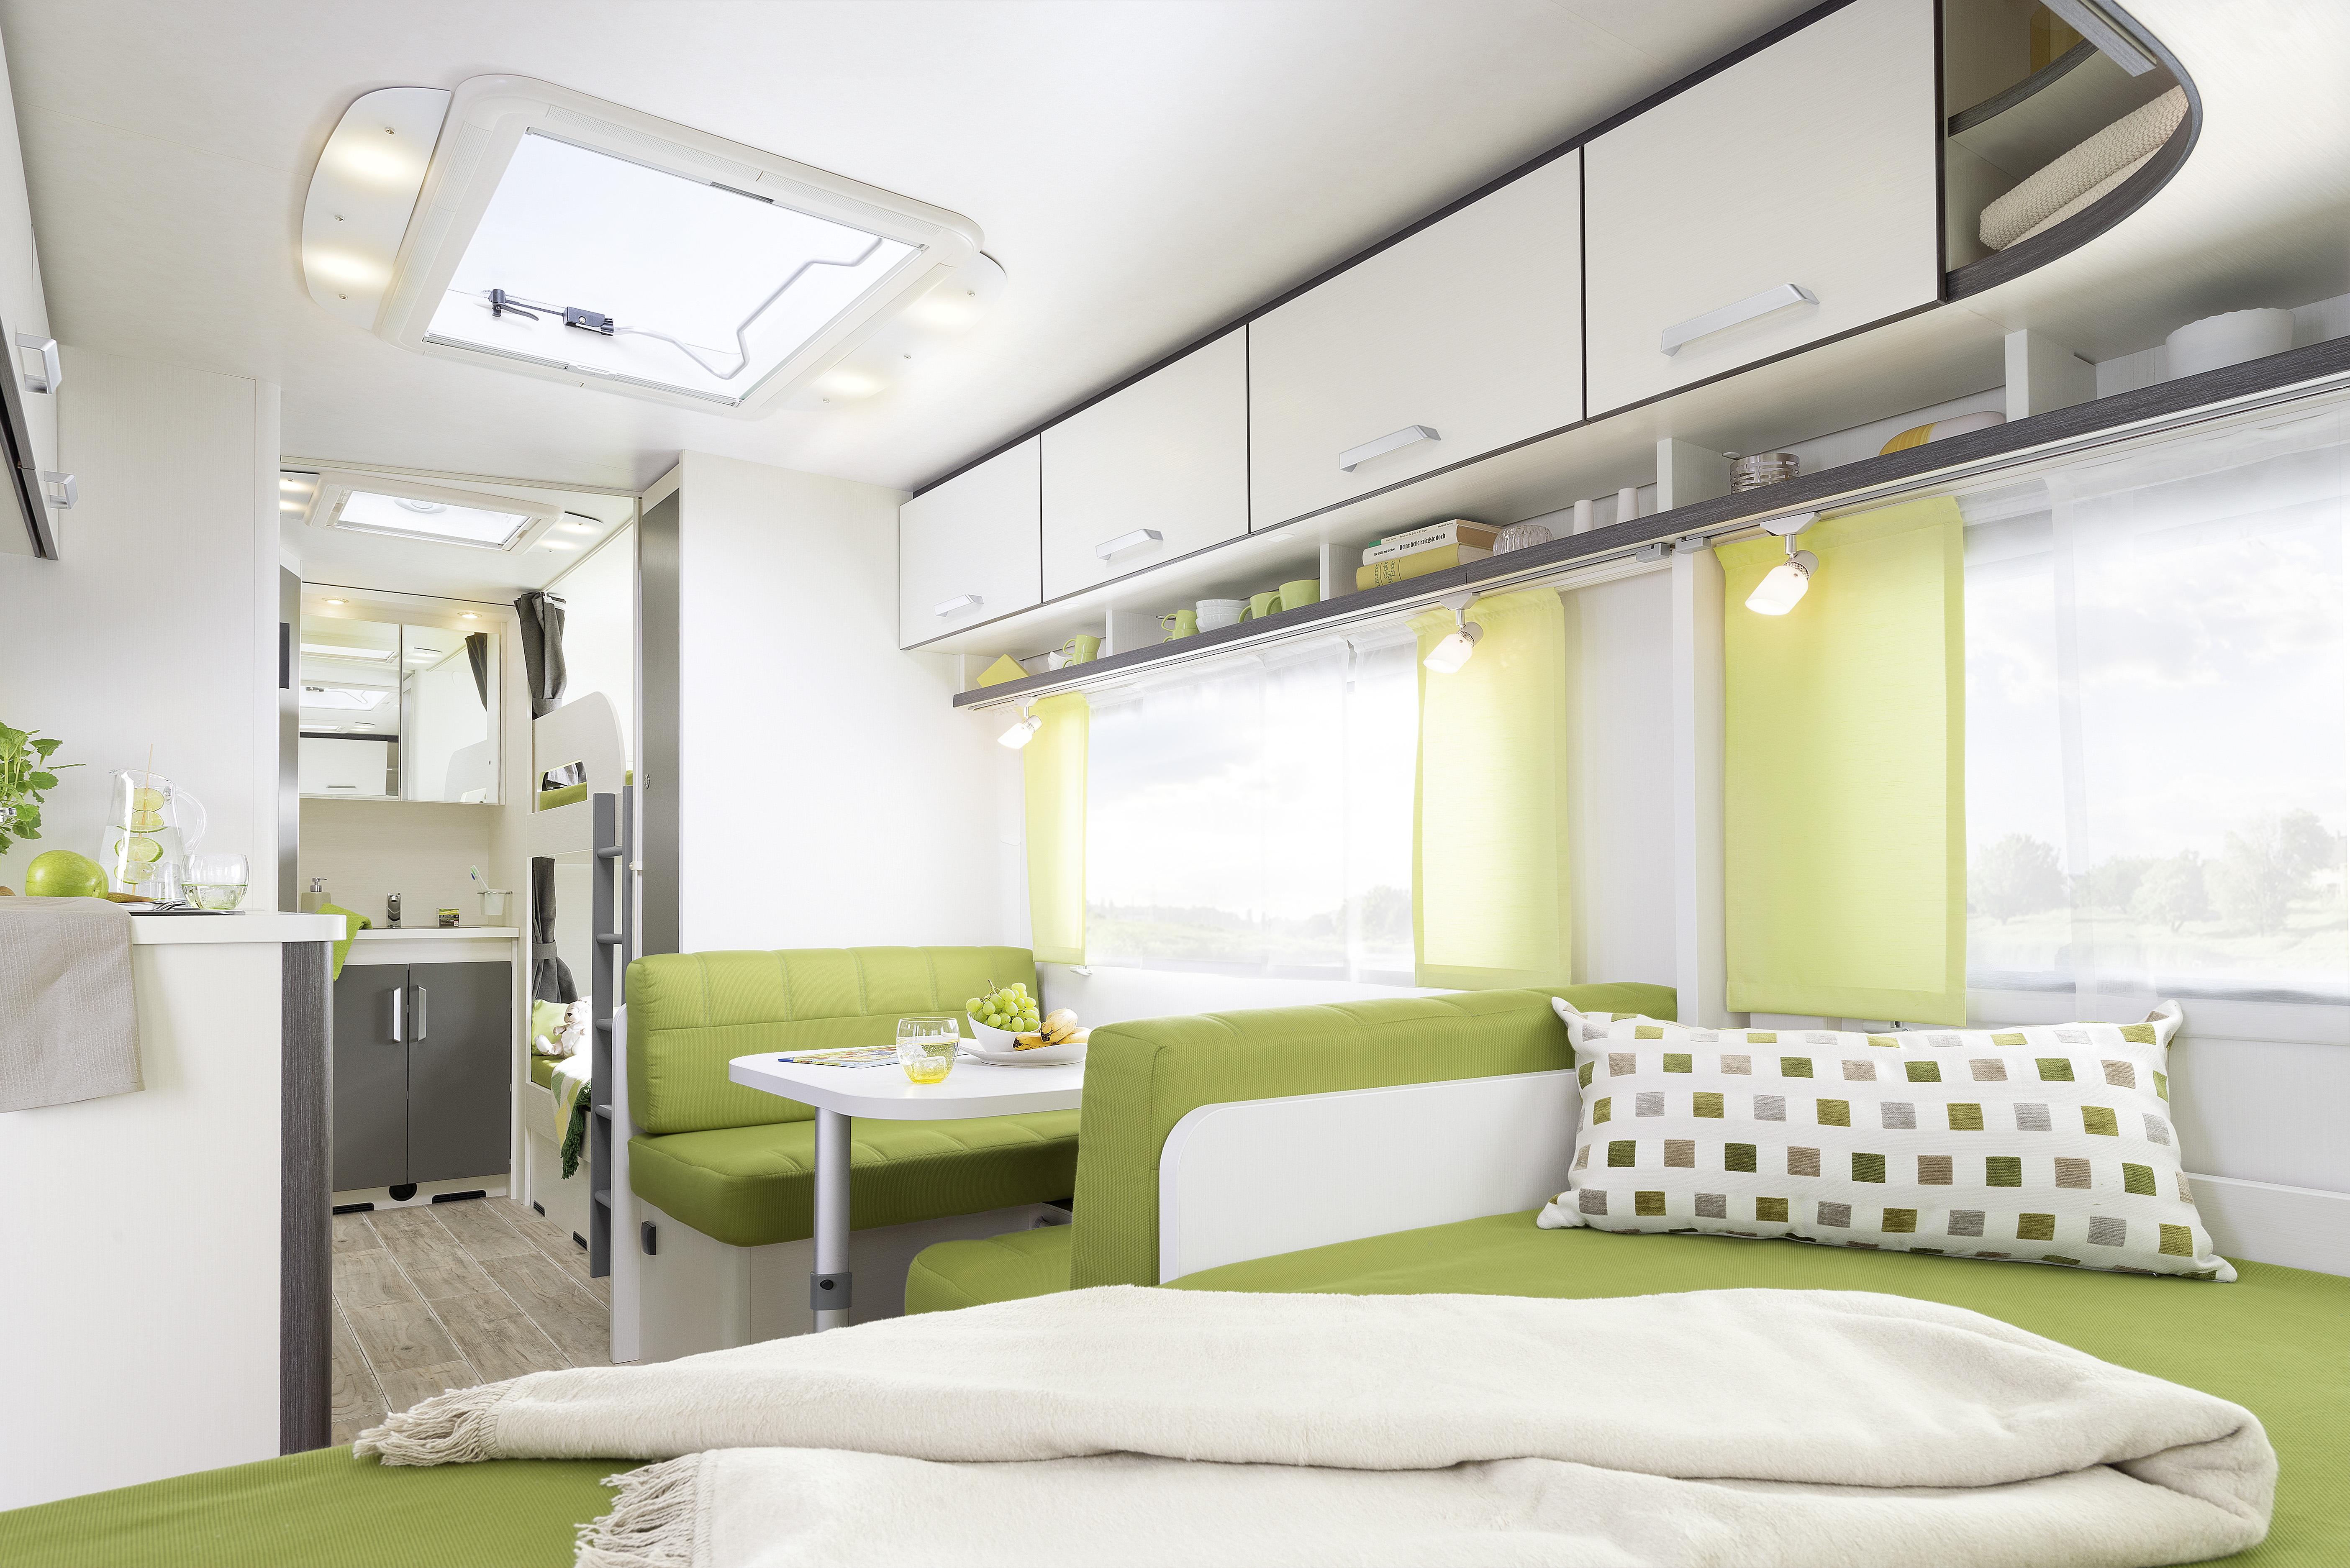 Wohnwagen Mit 3er Etagenbett Kaufen : Cgo dethleffs